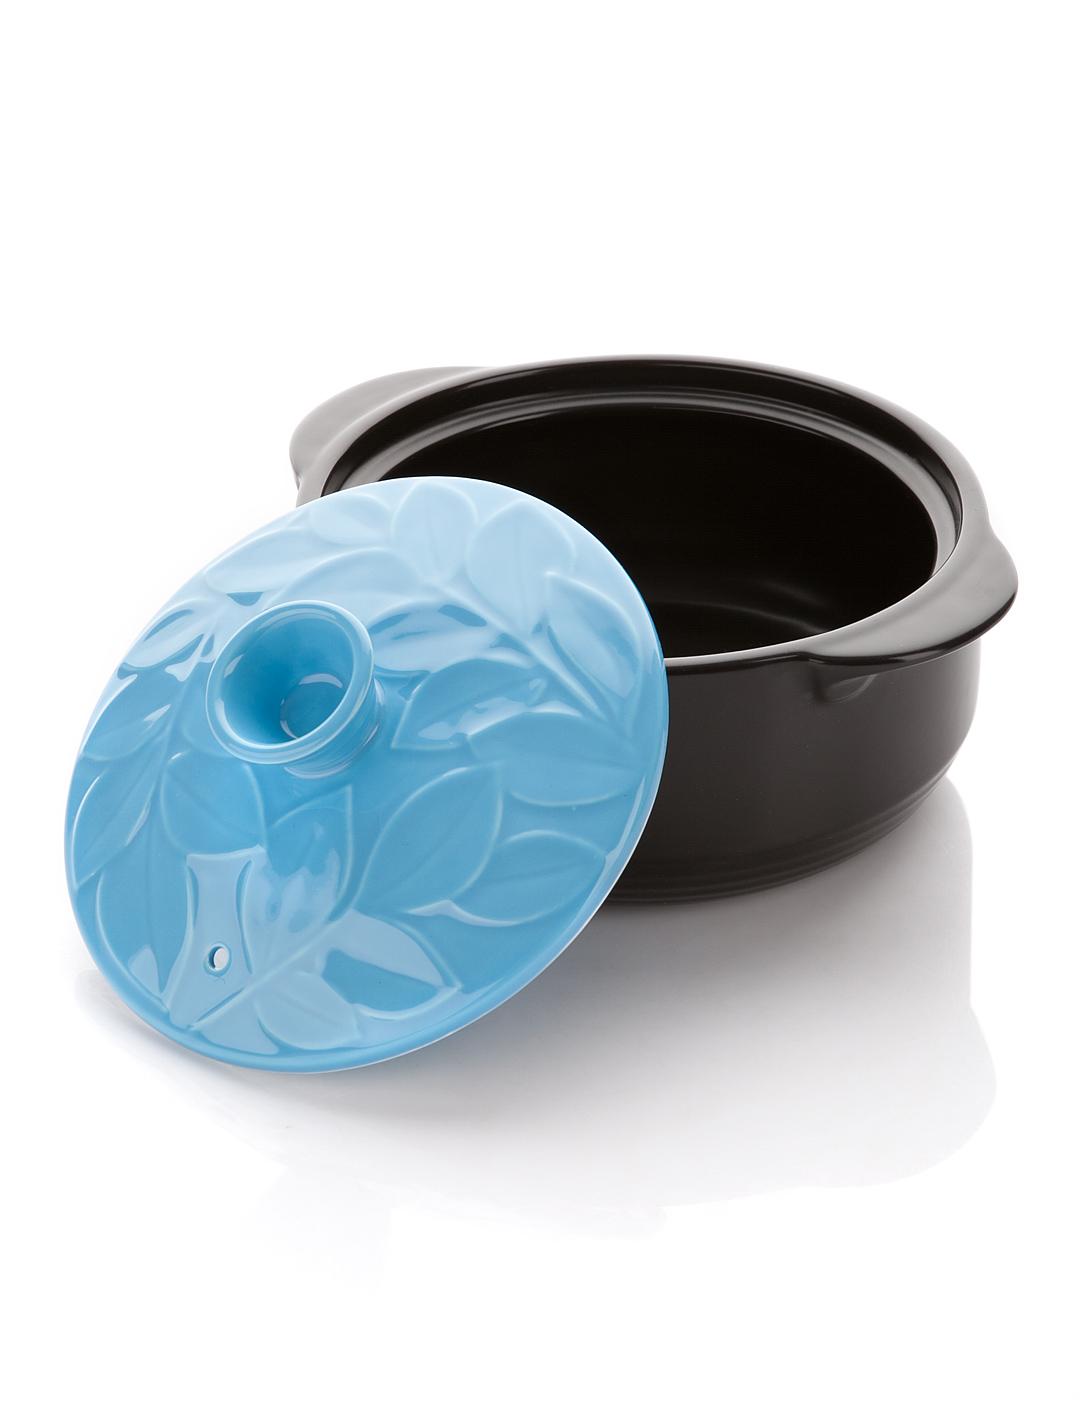 Кастрюля керамическая Hans & Gretchen с крышкой, цвет: голубой, 2,2 л68/5/4Кастрюля Hans & Gretchen изготовлена из экологически чистой жаропрочной керамики. Керамическая крышка кастрюли оснащена отверстием для выпуска пара. Кастрюля равномерно нагревает блюдо, долго сохраняя тепло и не выделяя абсолютно никаких примесей в пищу. Кастрюля не искажает, а даже усиливает вкус пищи. Крышка изделия оформлена рельефным изображением листьев. Превосходно служит для замораживания продуктов в холодильнике (до -20°С). Кастрюля устойчива к химическим и механическим воздействиям. Благодаря толстым стенкам изделие нагревается равномерно.Кастрюля Hans & Gretchen прекрасно подойдет для запекания и тушения овощей, мяса и других блюд, а оригинальный дизайн и яркое оформление украсят ваш стол.Можно мыть в посудомоечной машине. Кастрюля предназначена для использования на газовой и электрической плитах, в духовке и микроволновой печи. Не подходит для индукционных плит. Высота стенки: 9 см.Ширина кастрюли (с учетом ручек): 25 см.Толщина дна: 5 мм.Толщина стенки: 5 мм.